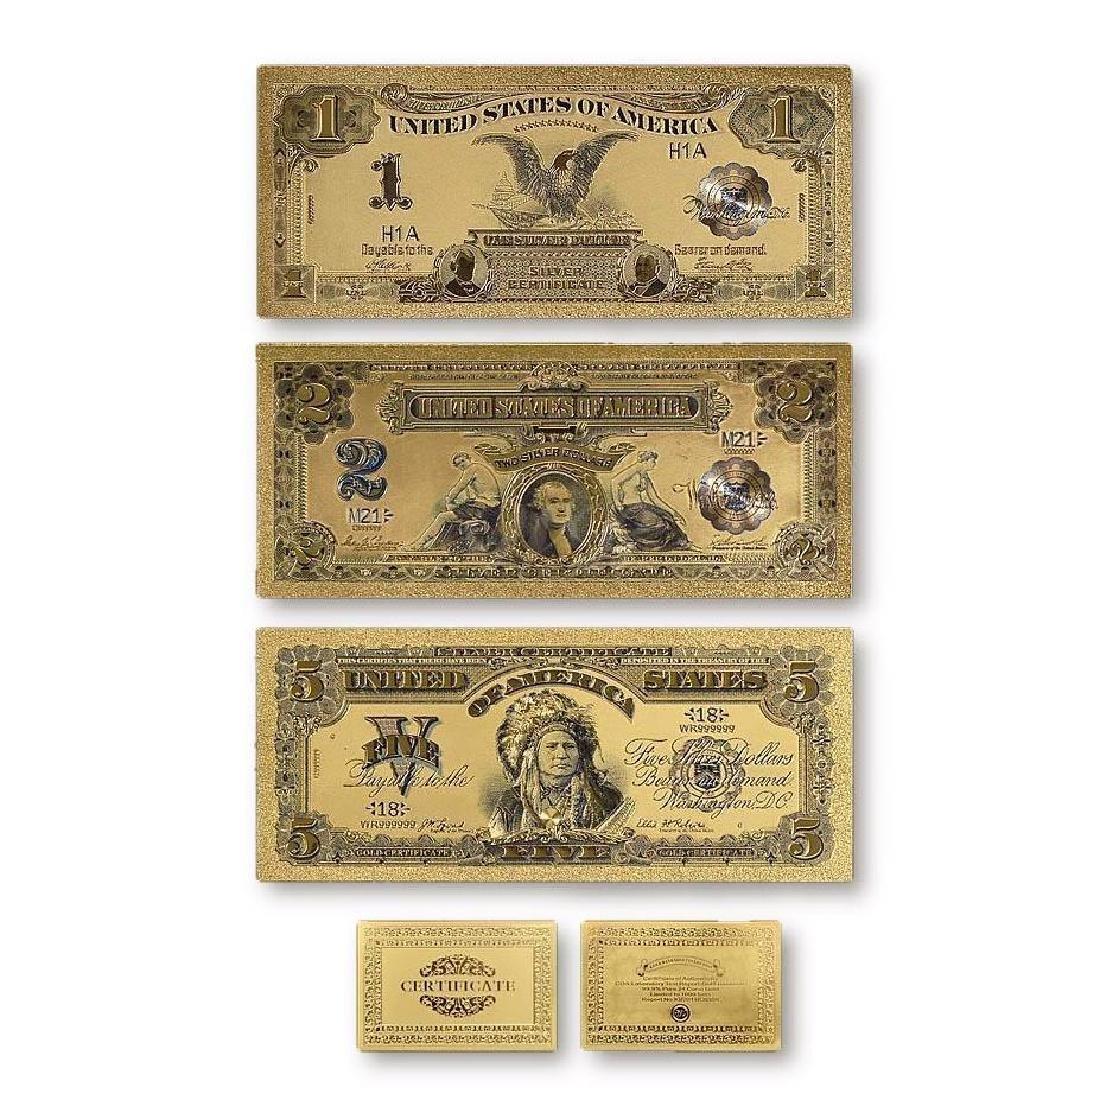 USA $1 $2 $5 Gold Clad Banknotes w/ COA